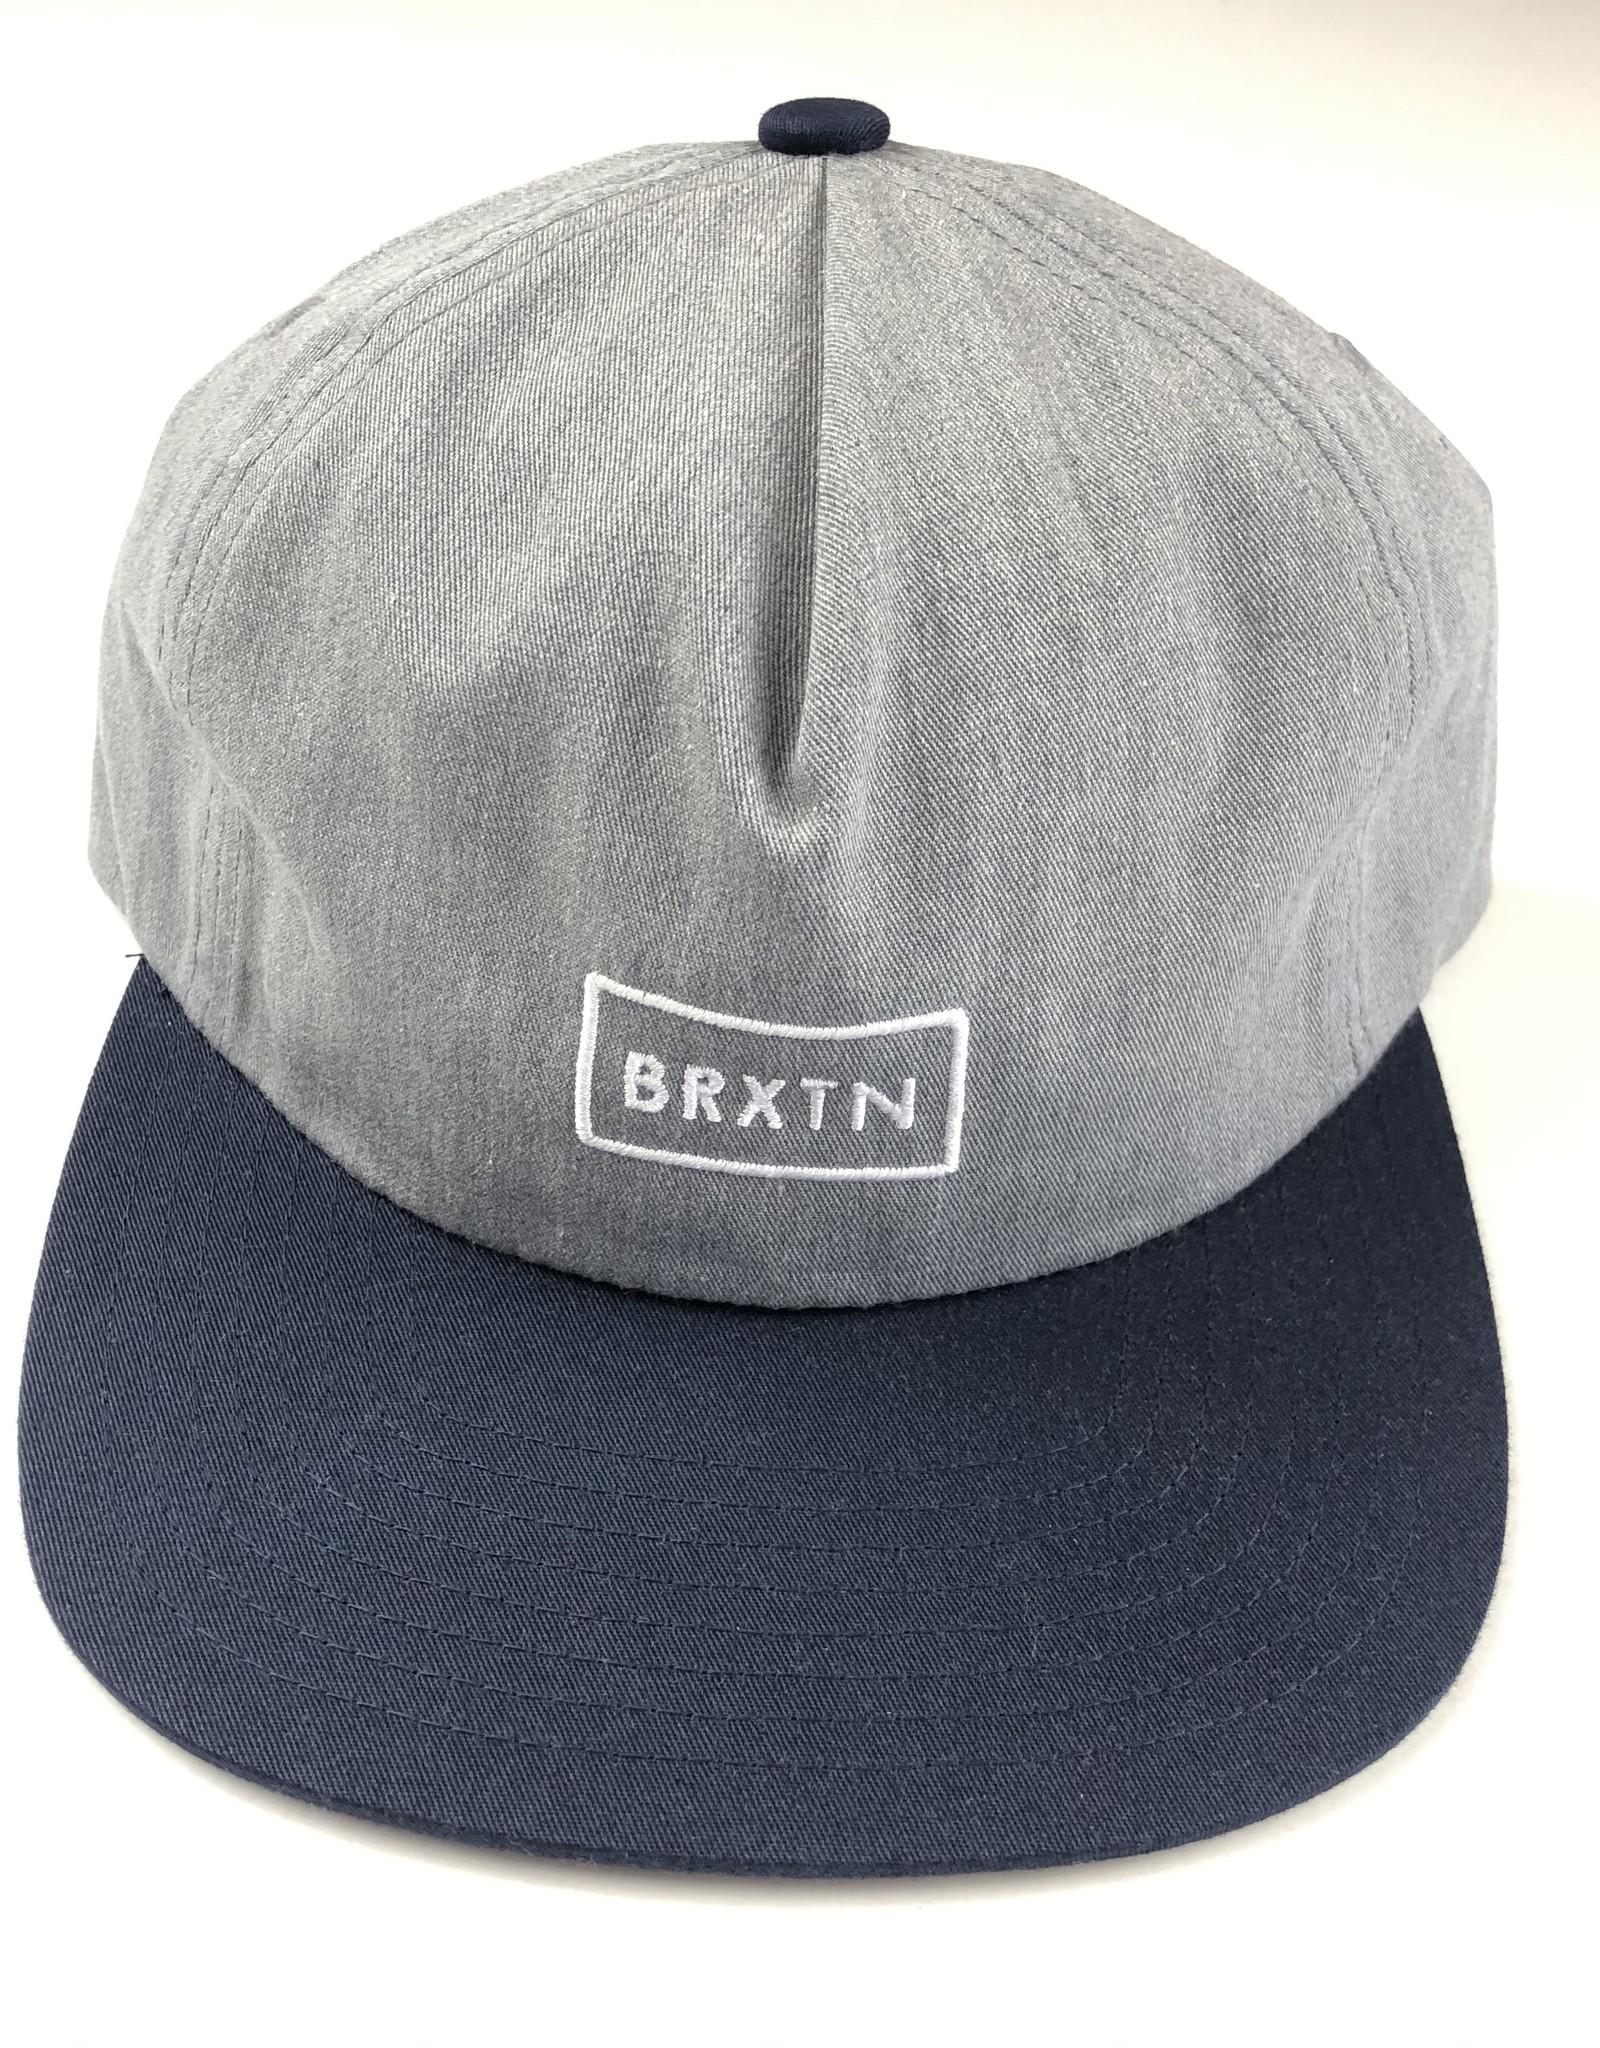 BRIXTON BRIXTON RIFT MP HAT - HEATHER/NAVY